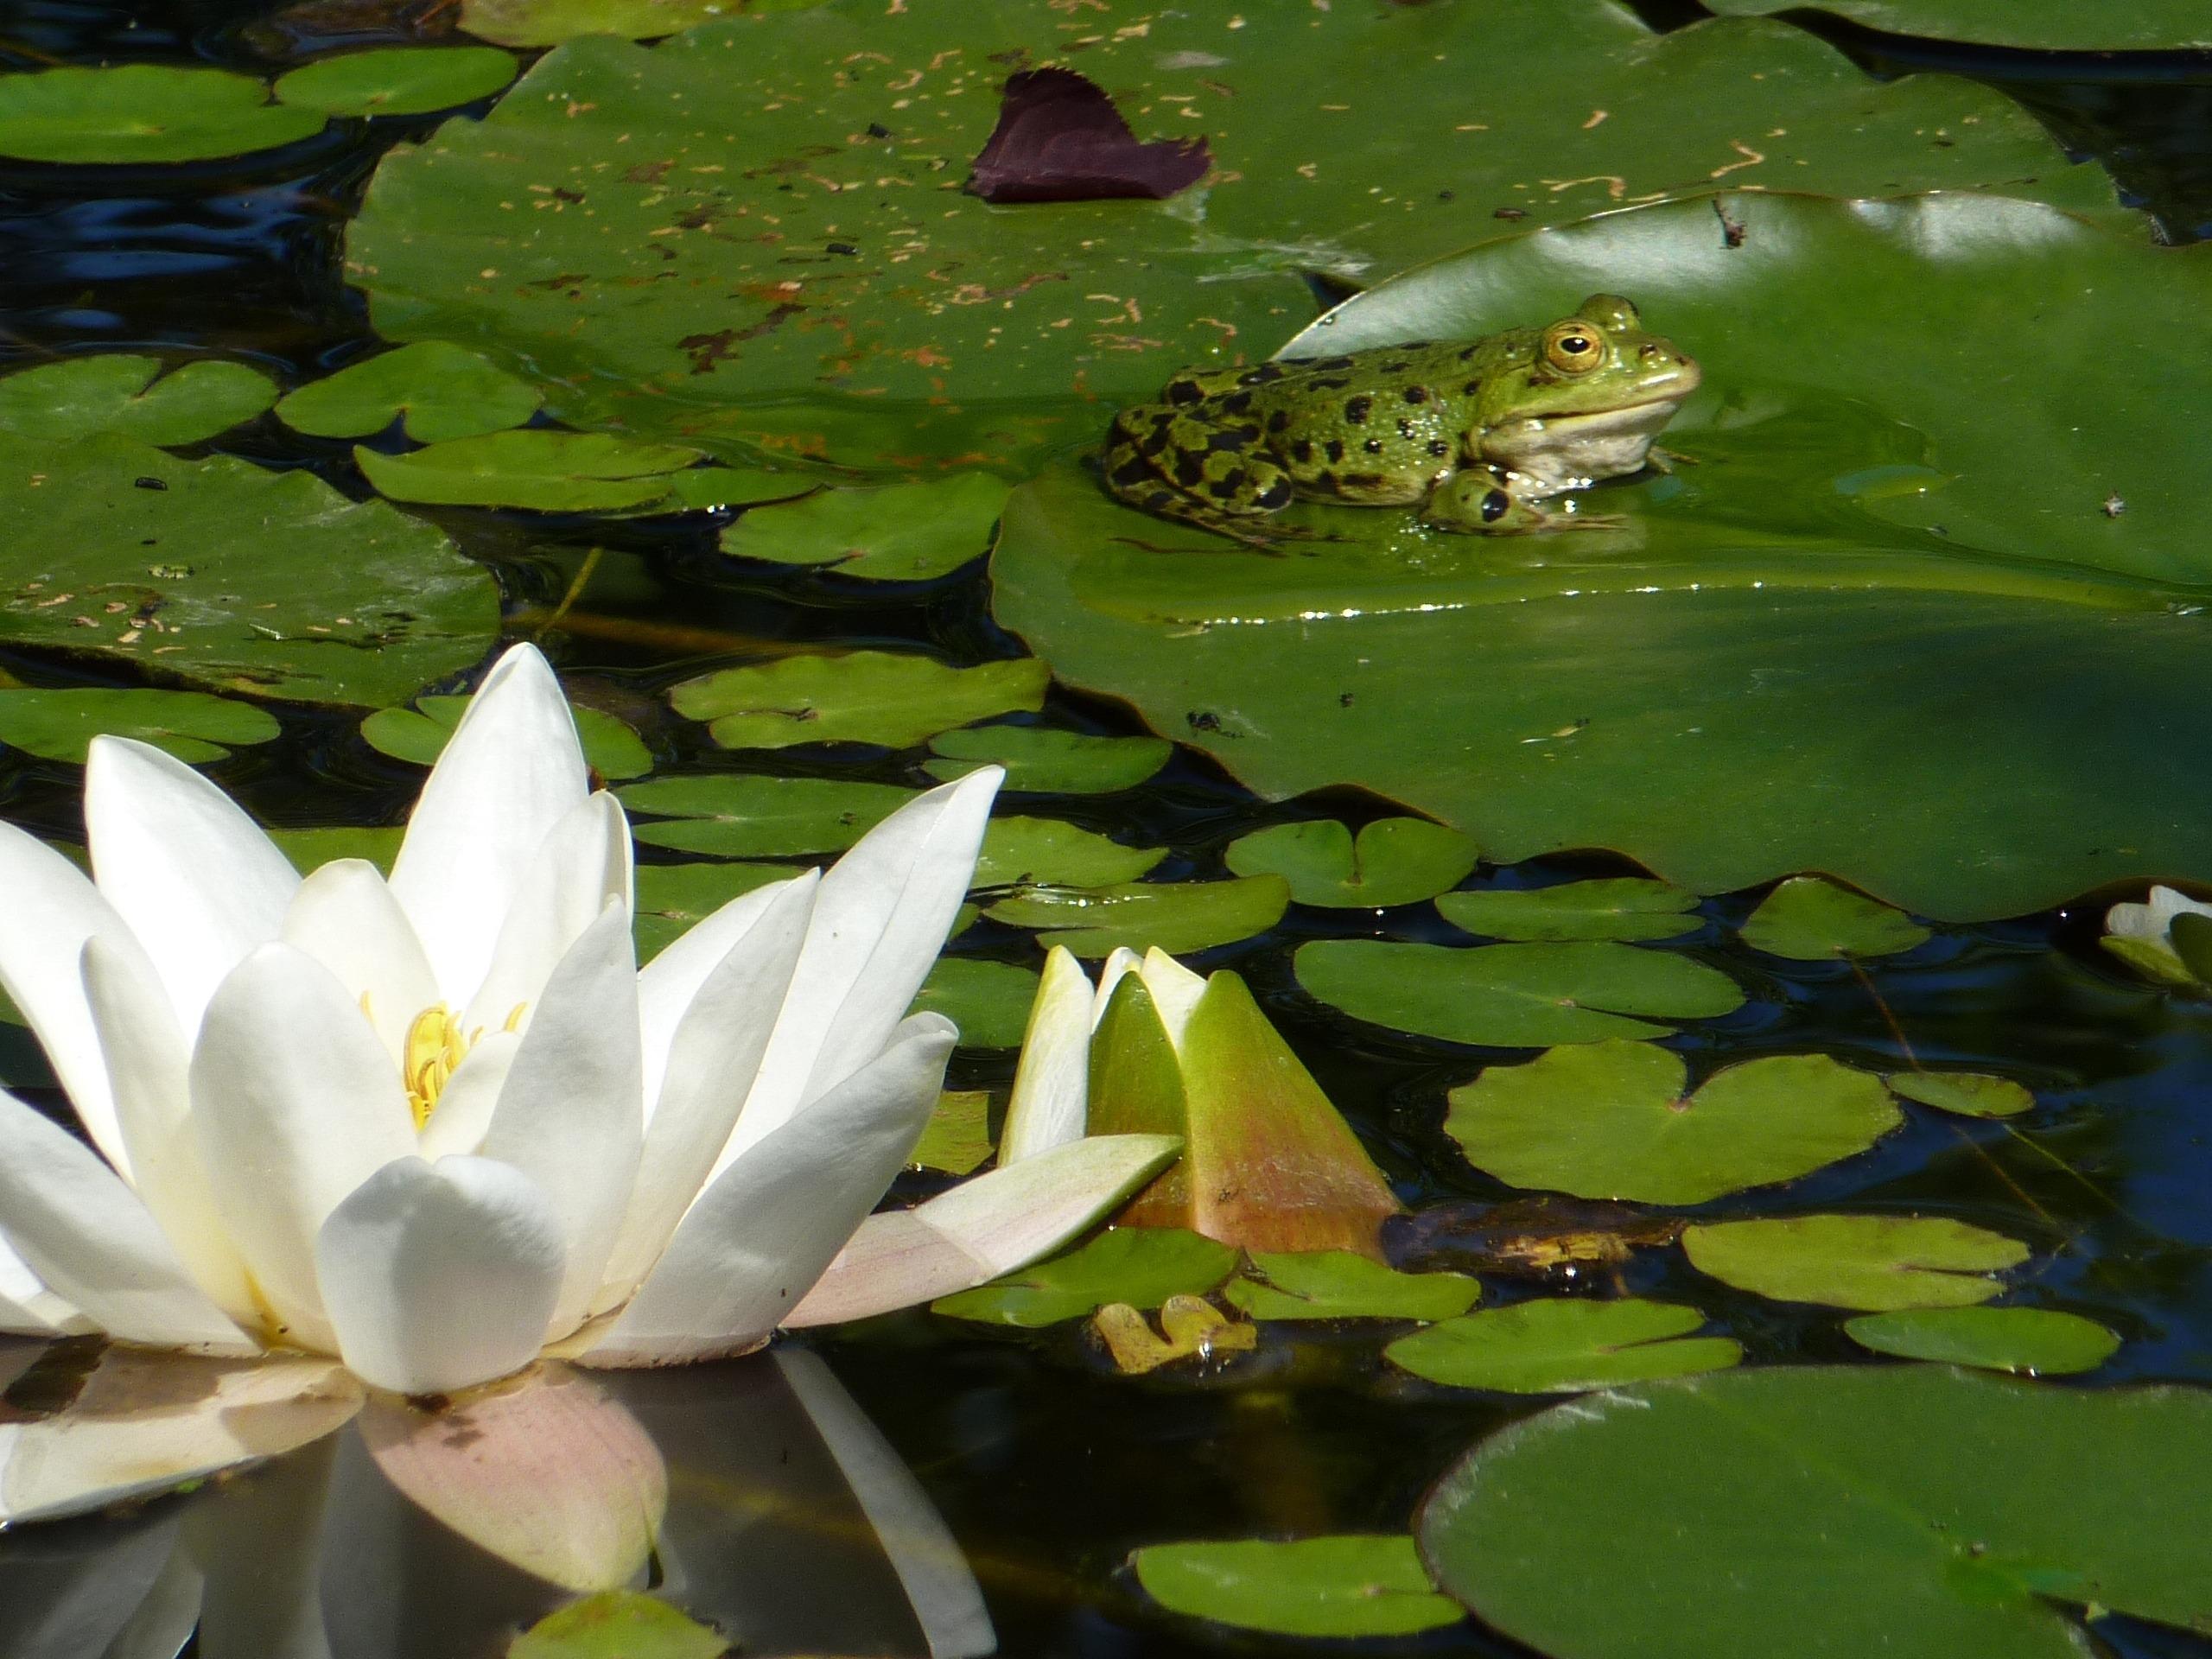 картинки с болотными лилиями данном посте